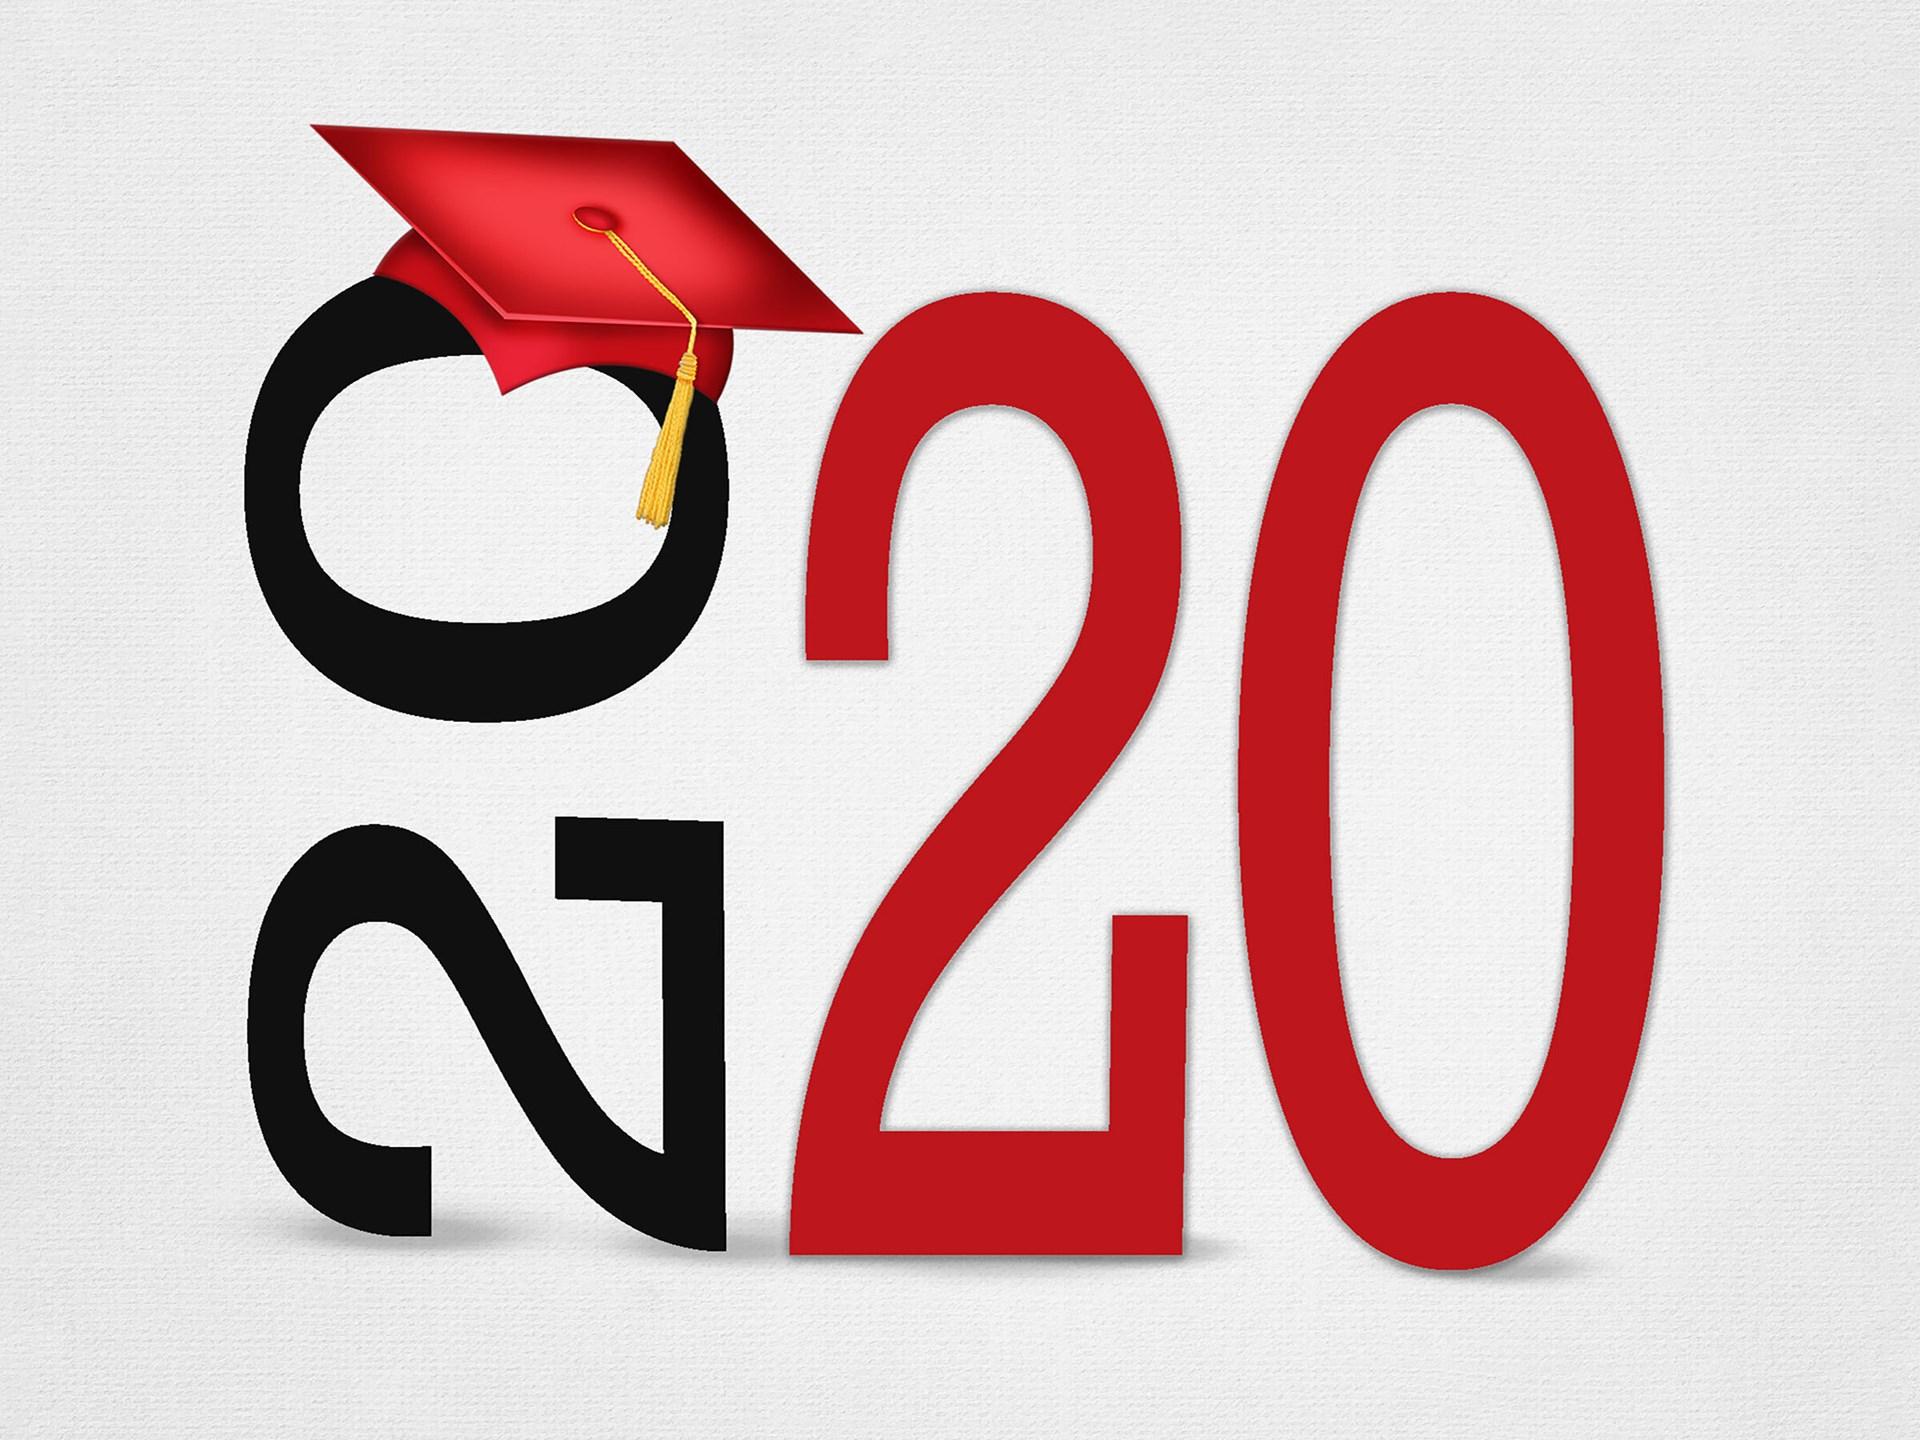 Grad2020 news.jpg